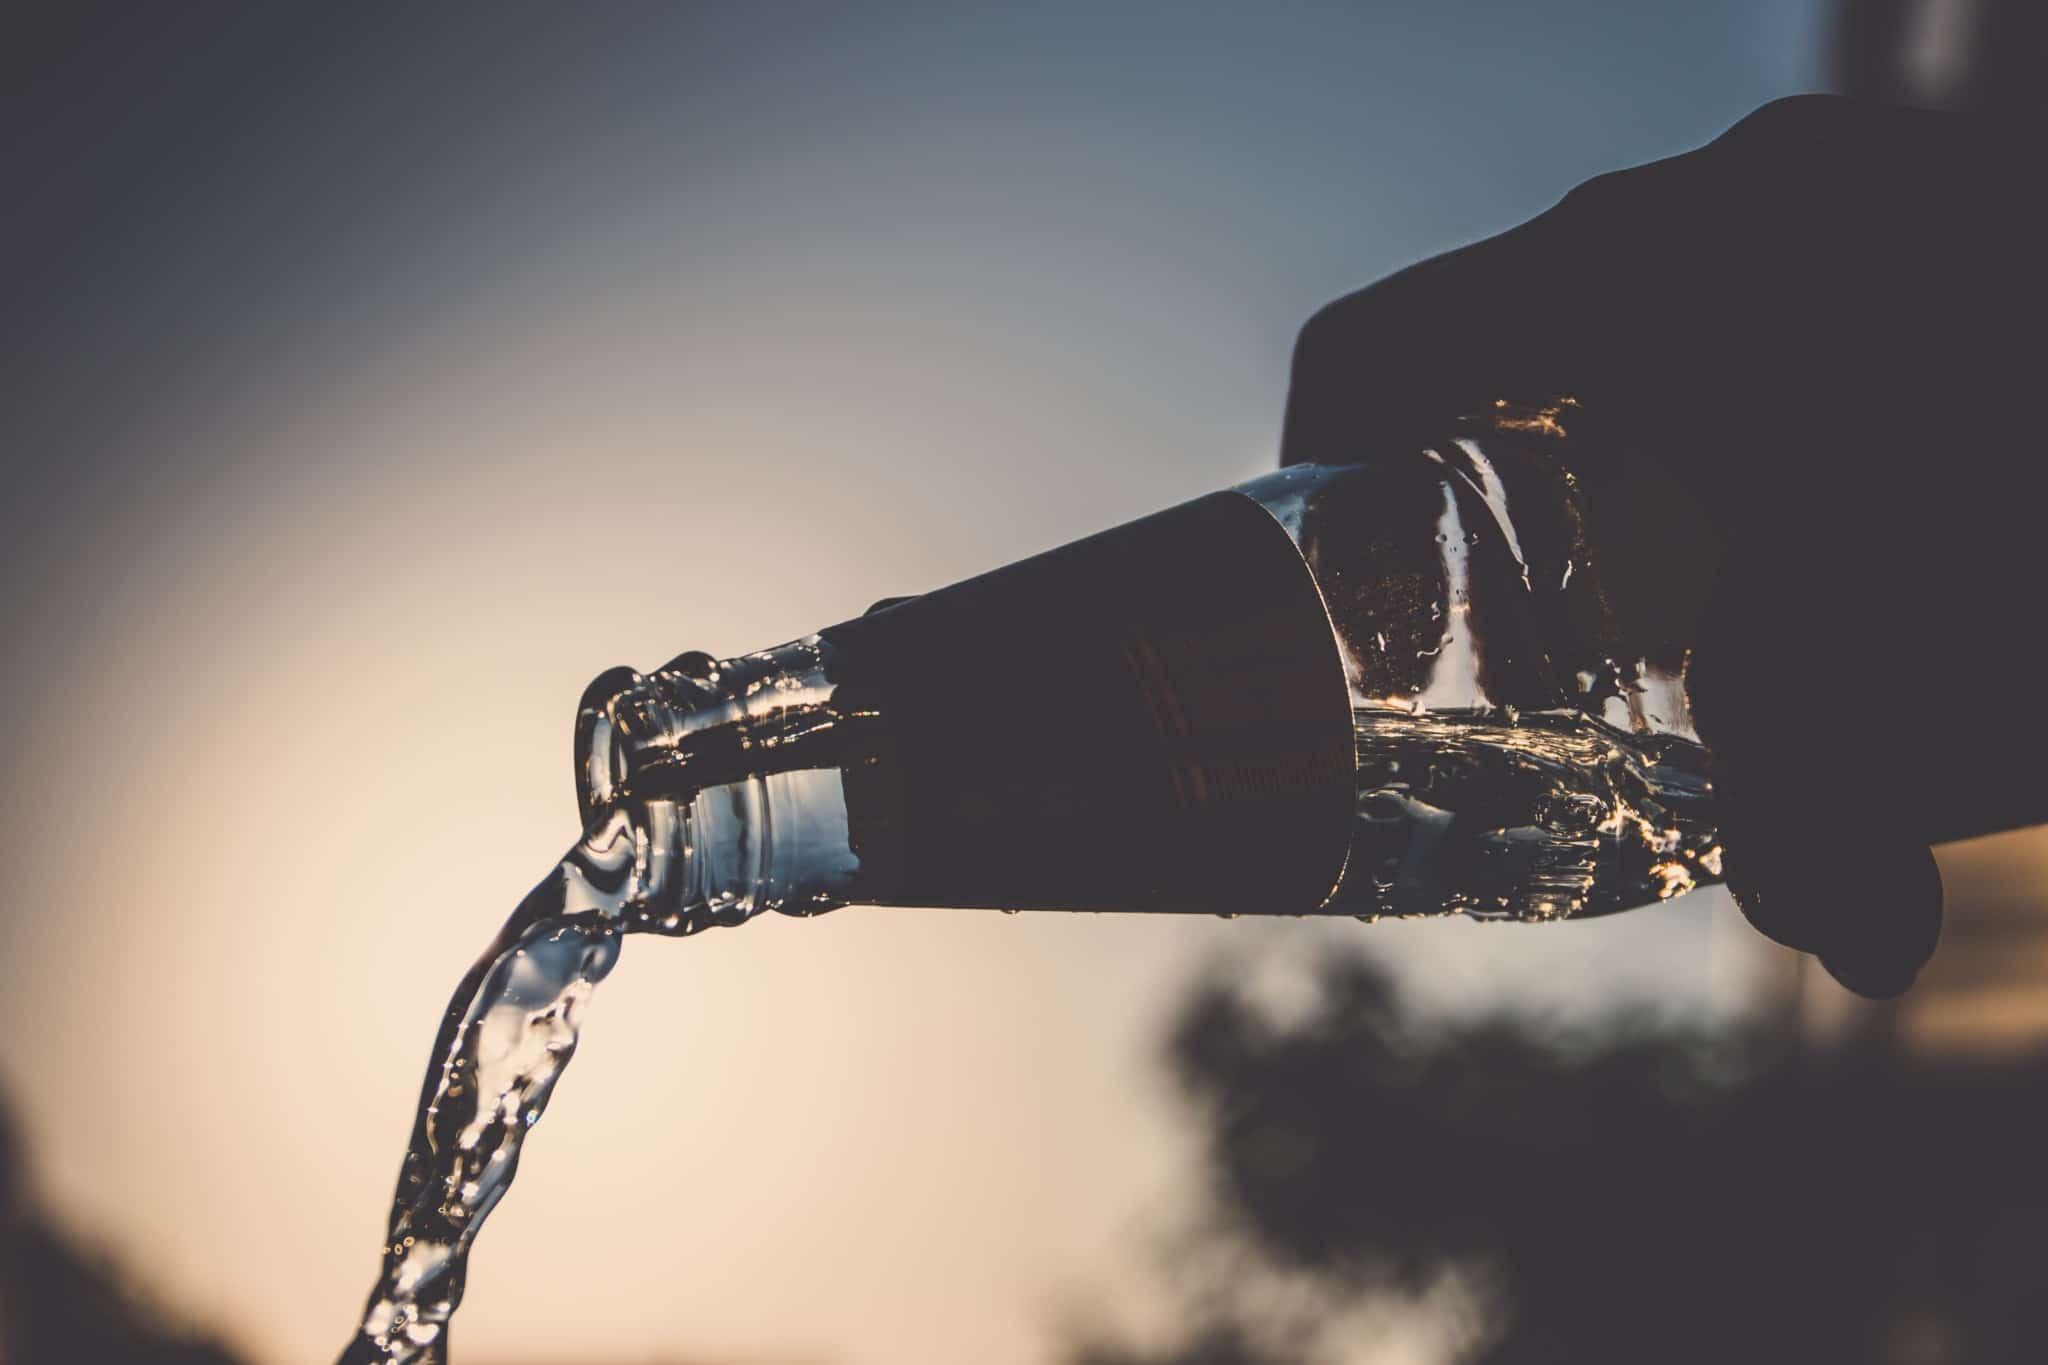 Teveel water drinken